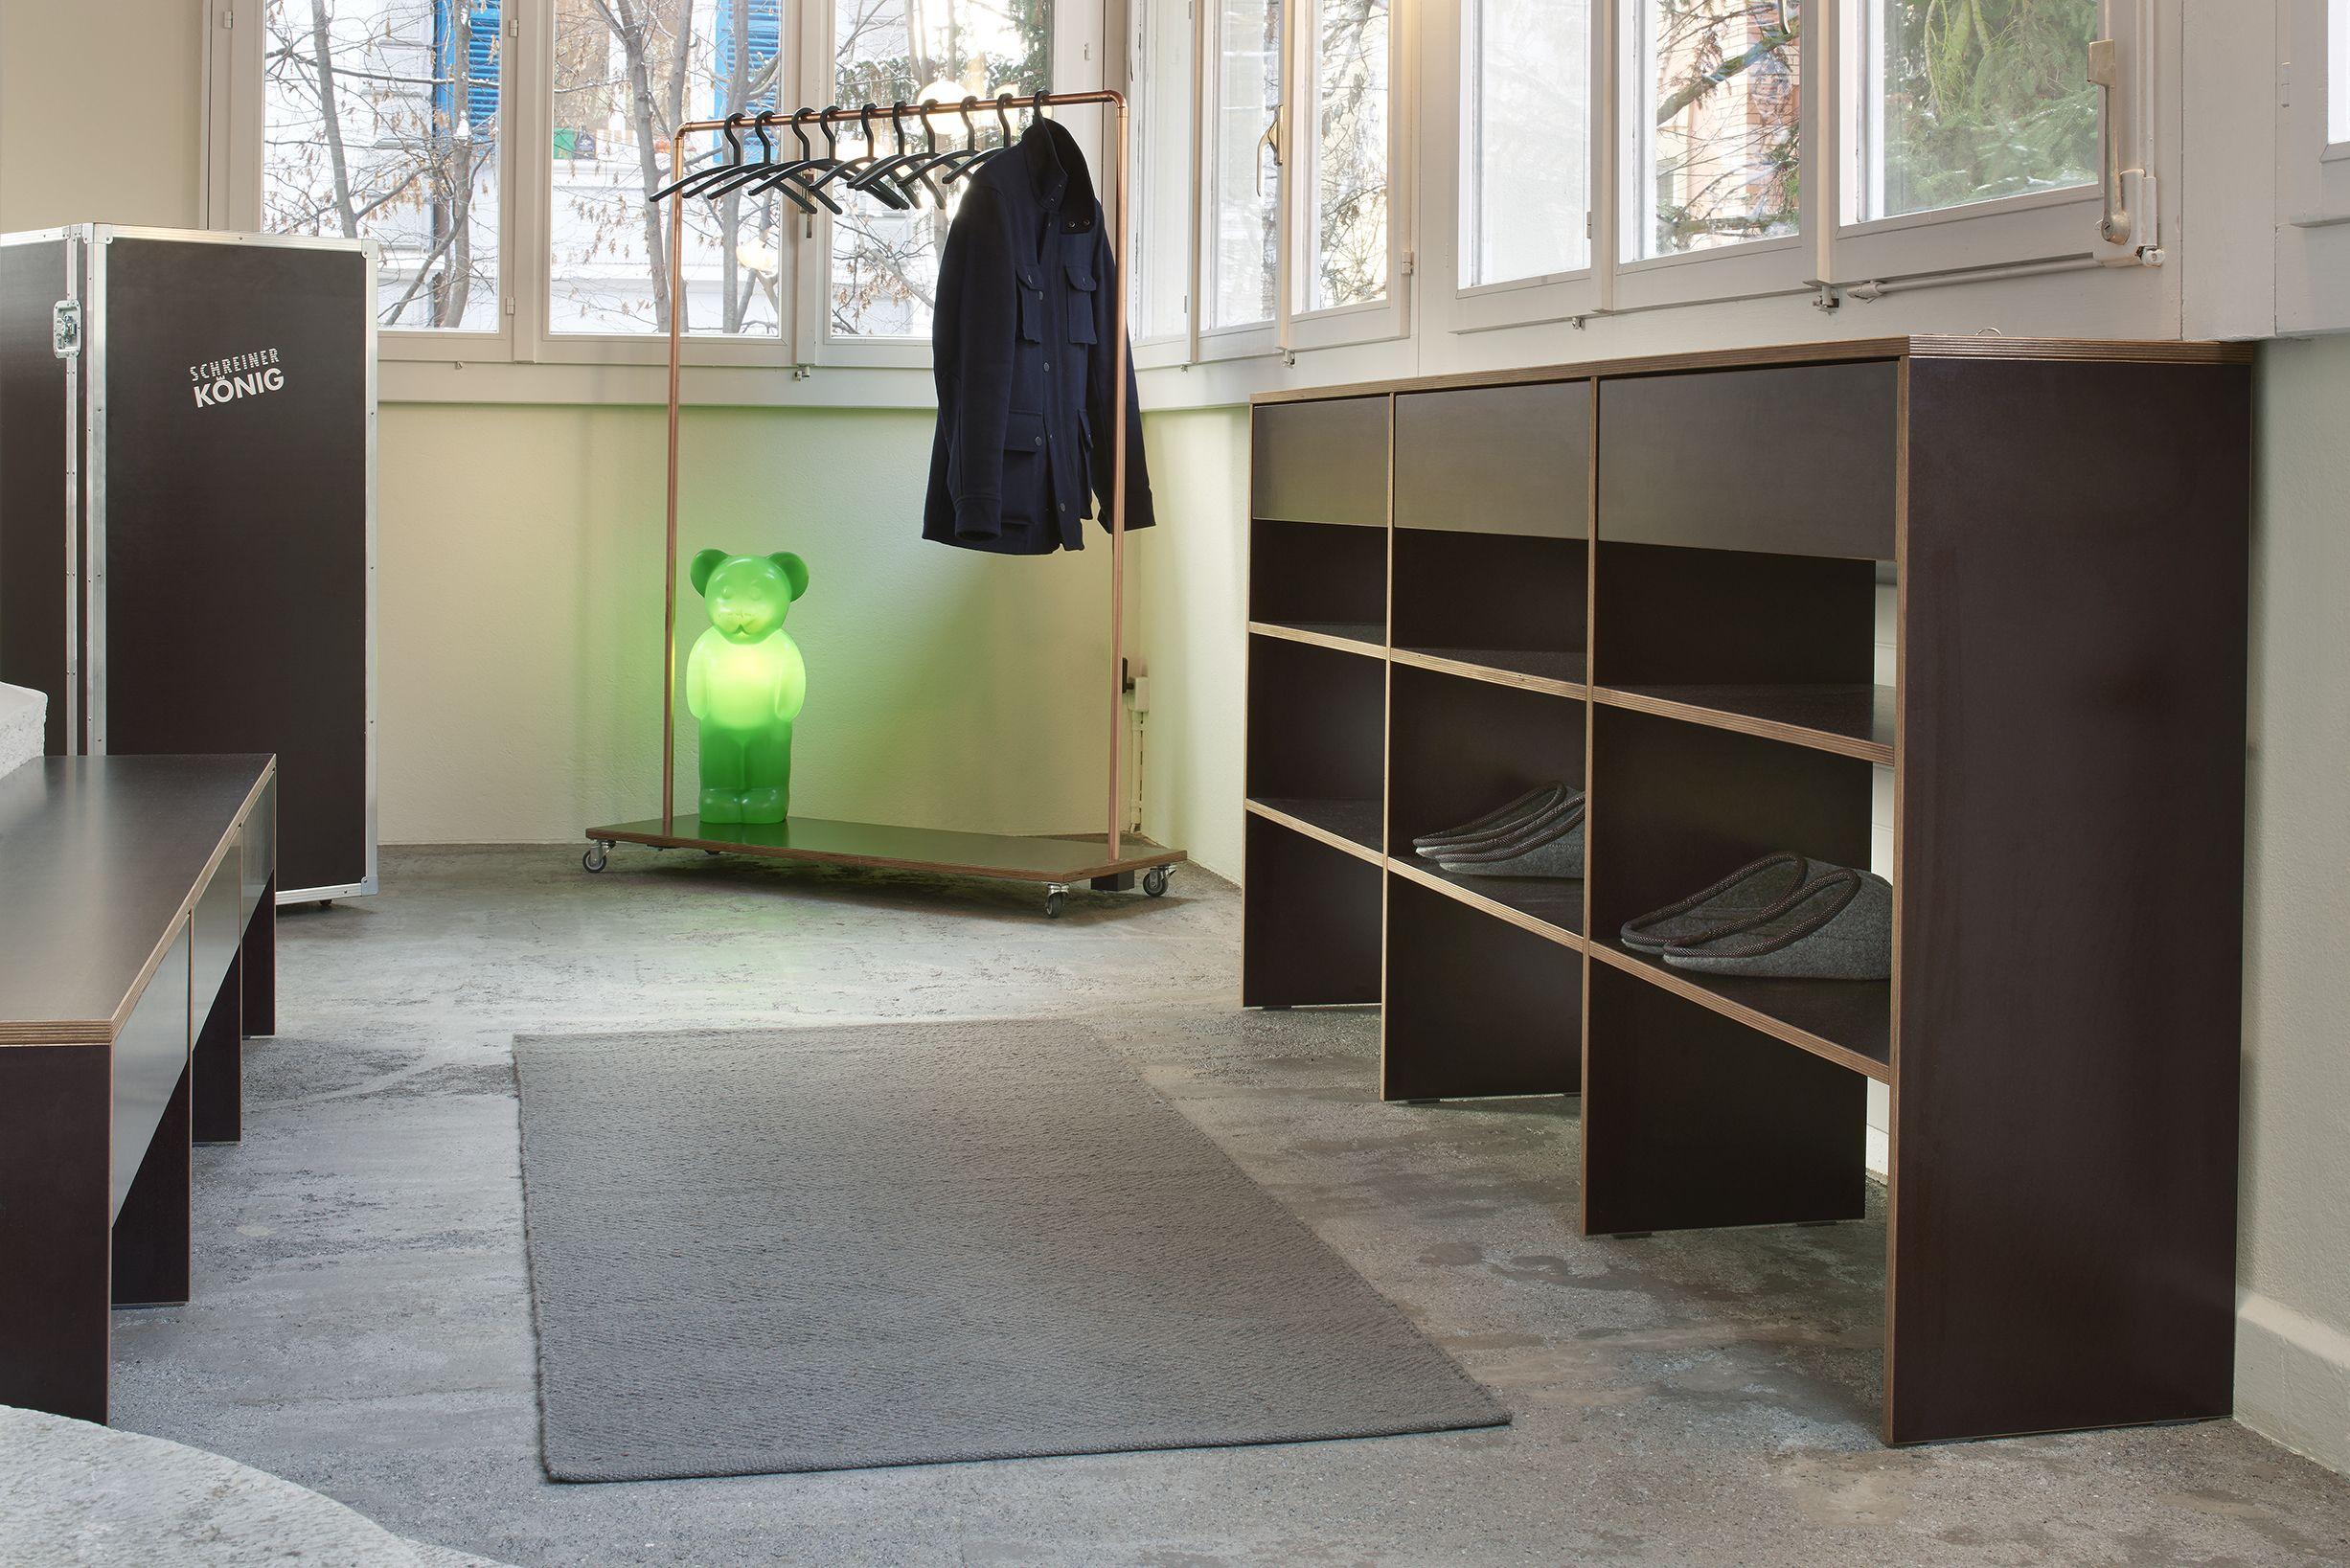 designer garderoben möbel abzukühlen abbild und dabebeacefdacec